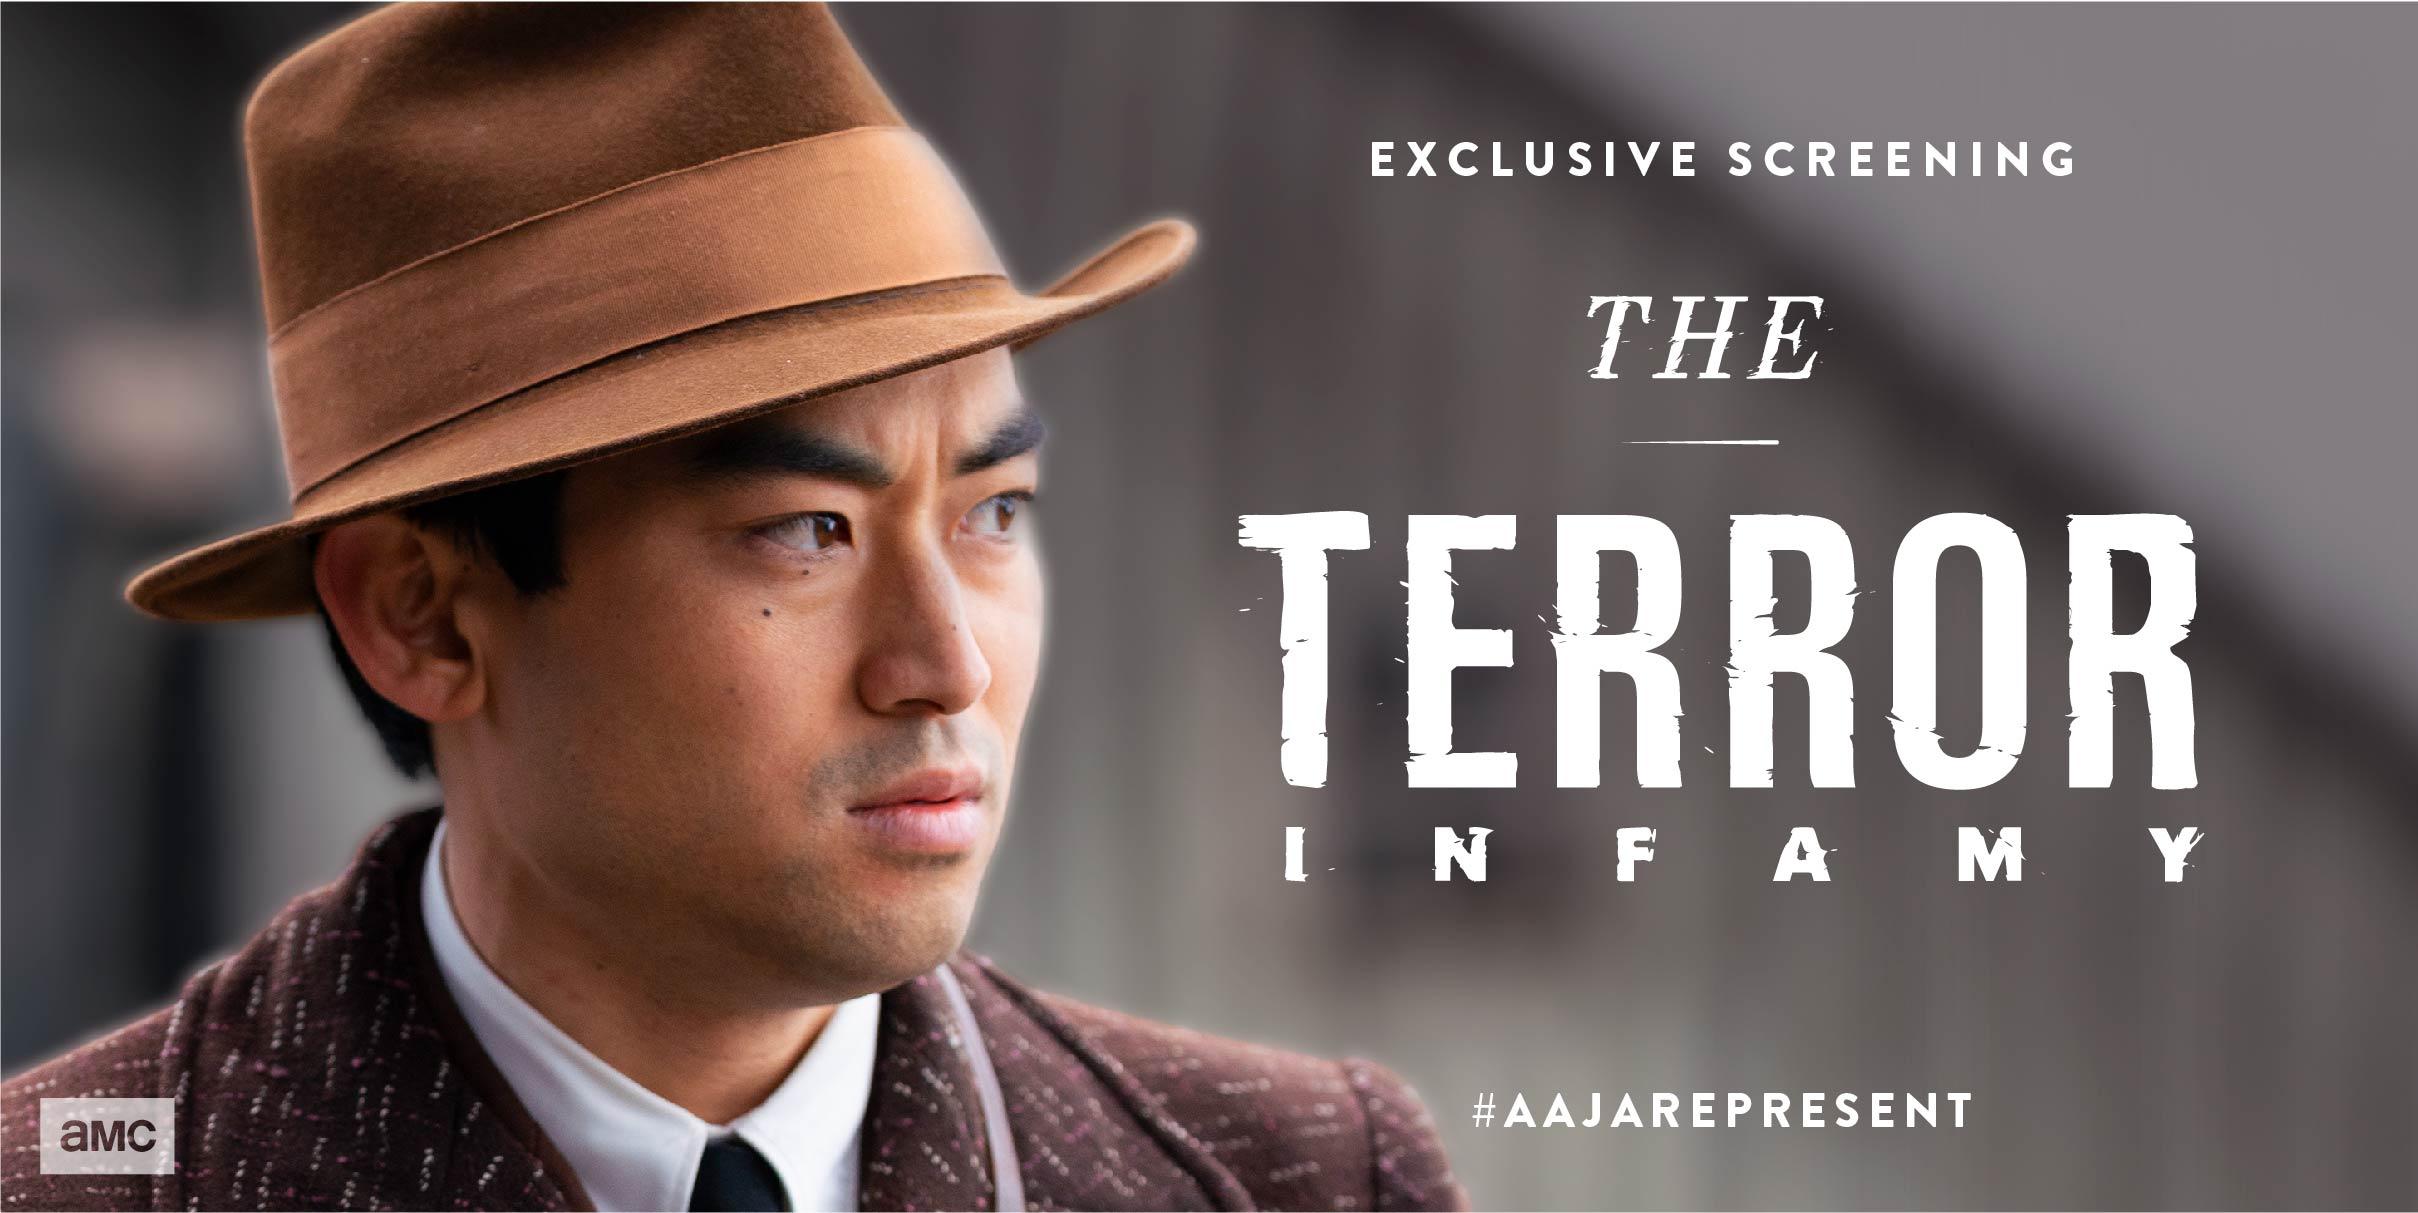 AMC's The Terror: Infamy